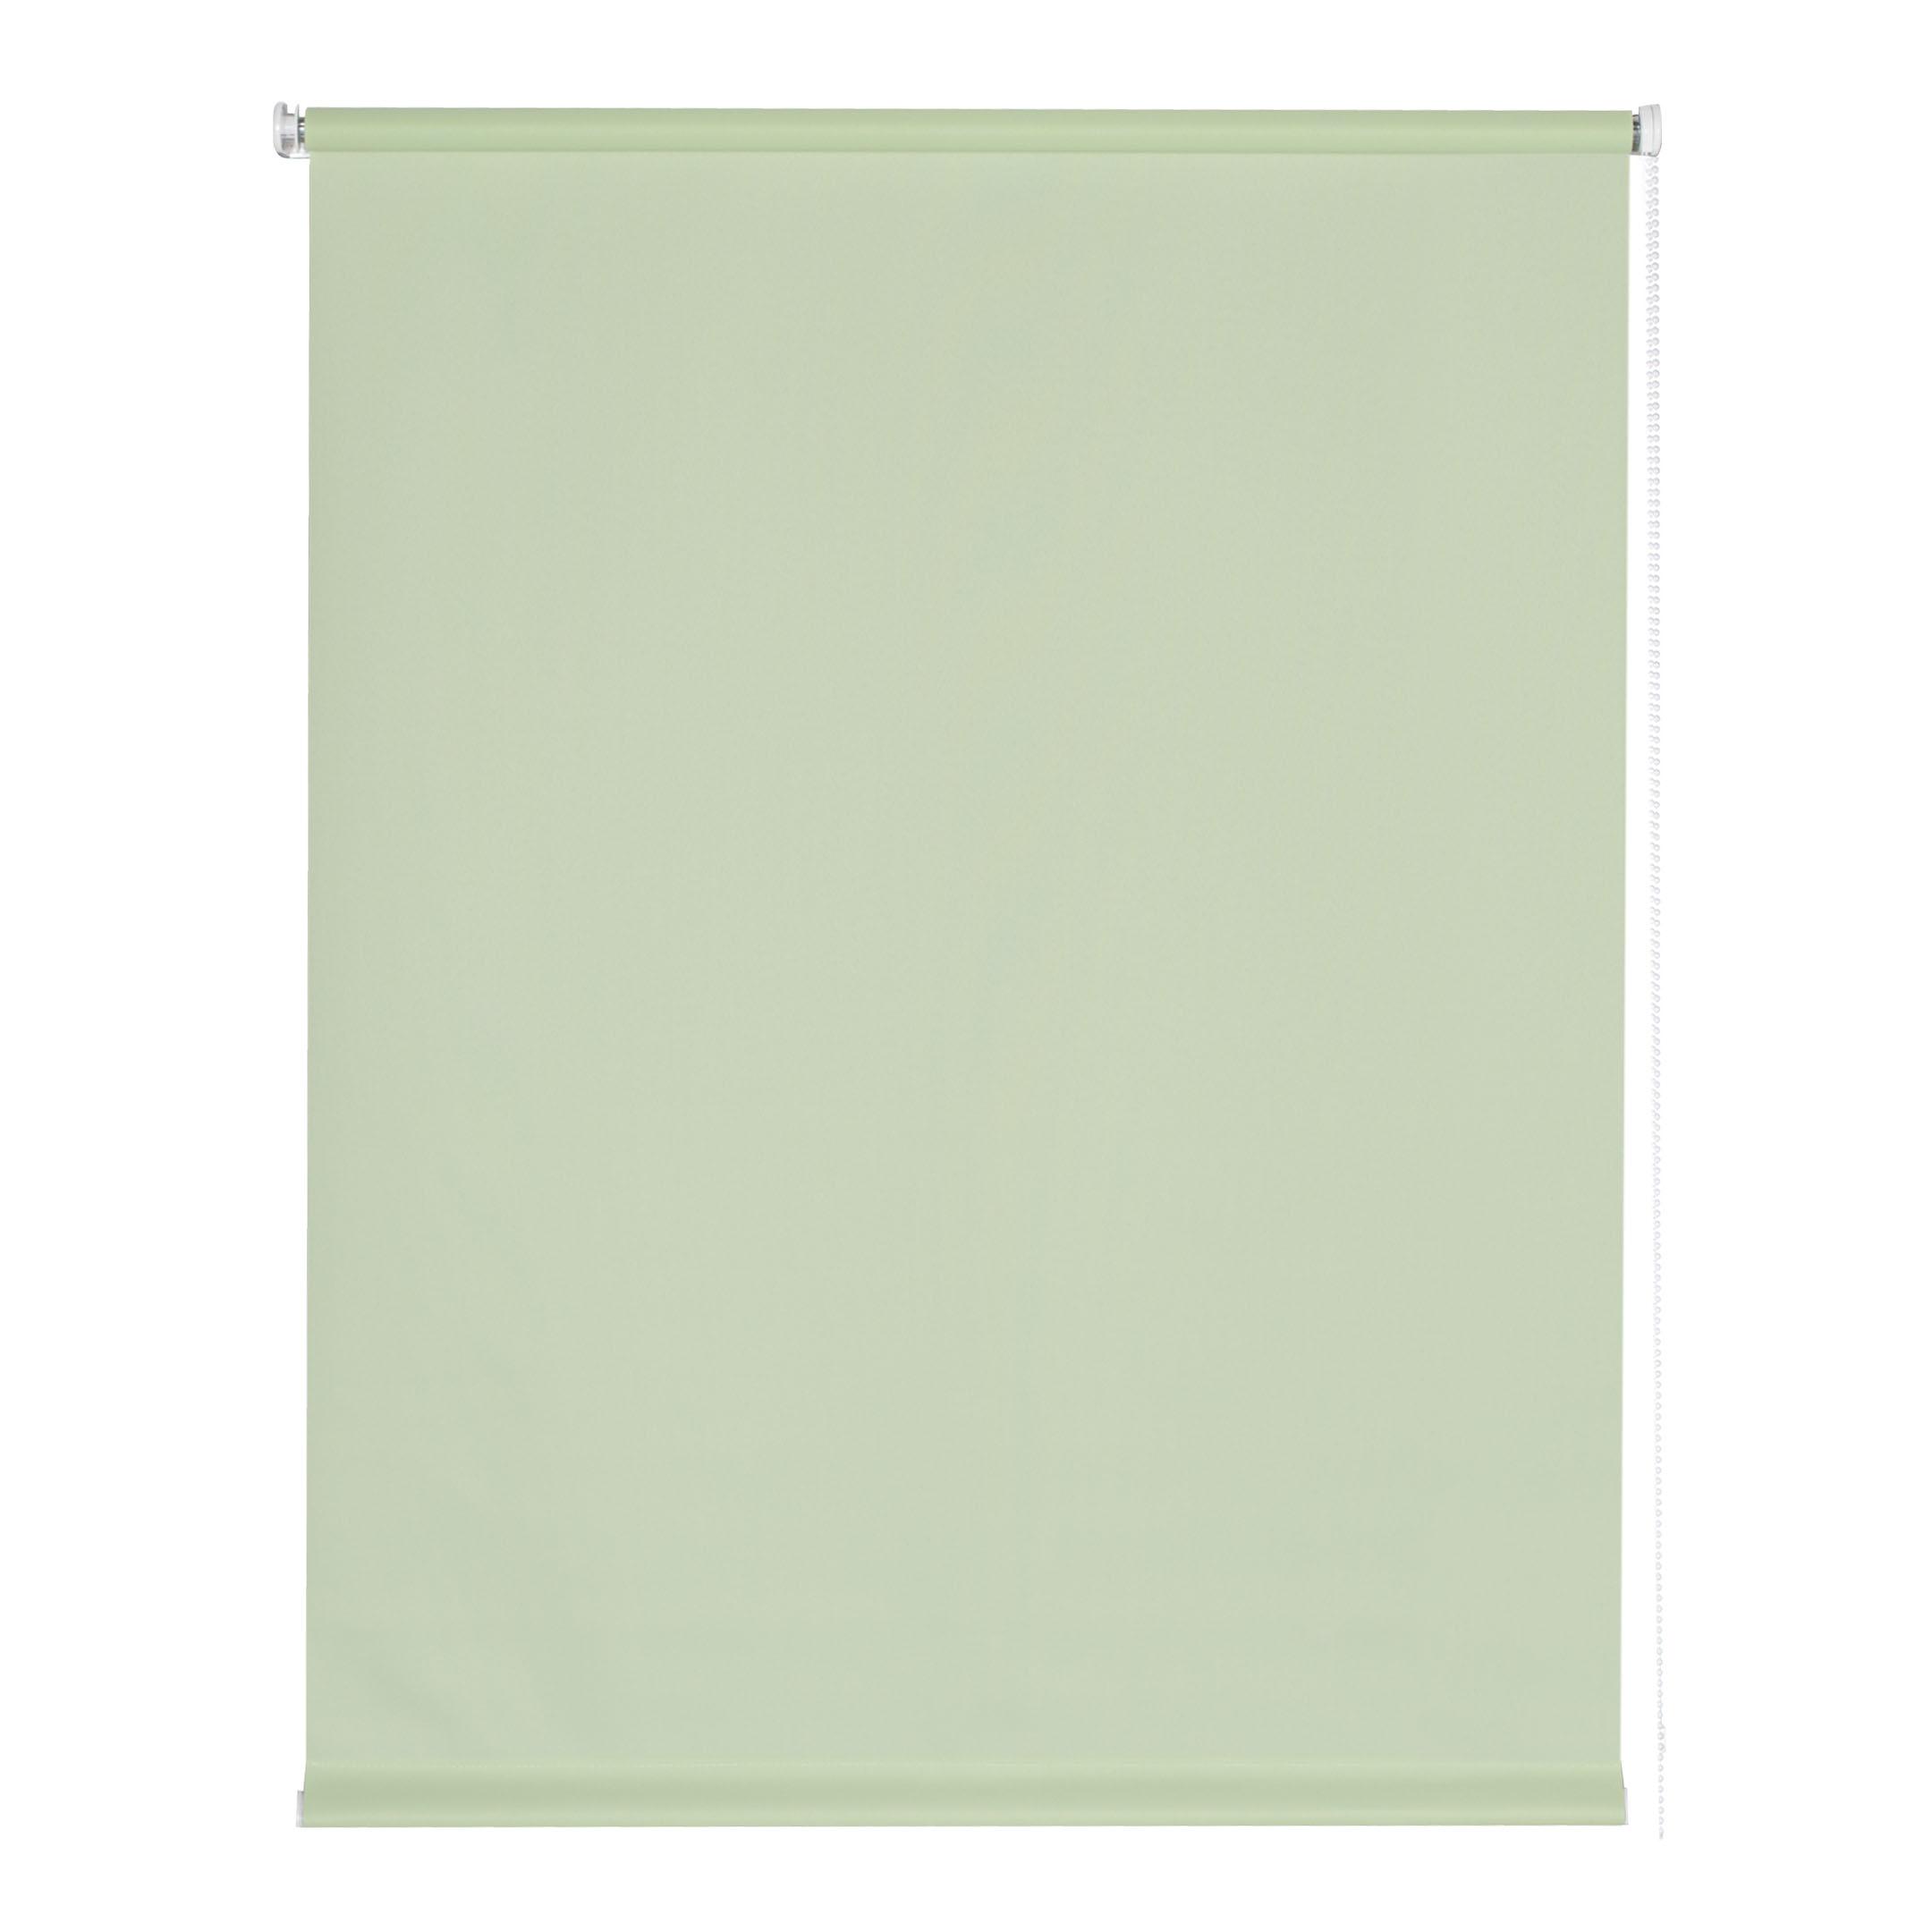 Фото - Штора рулонная Плайн 80х175 см фисташковый штора рулонная плайн 50х175 см фисташковый